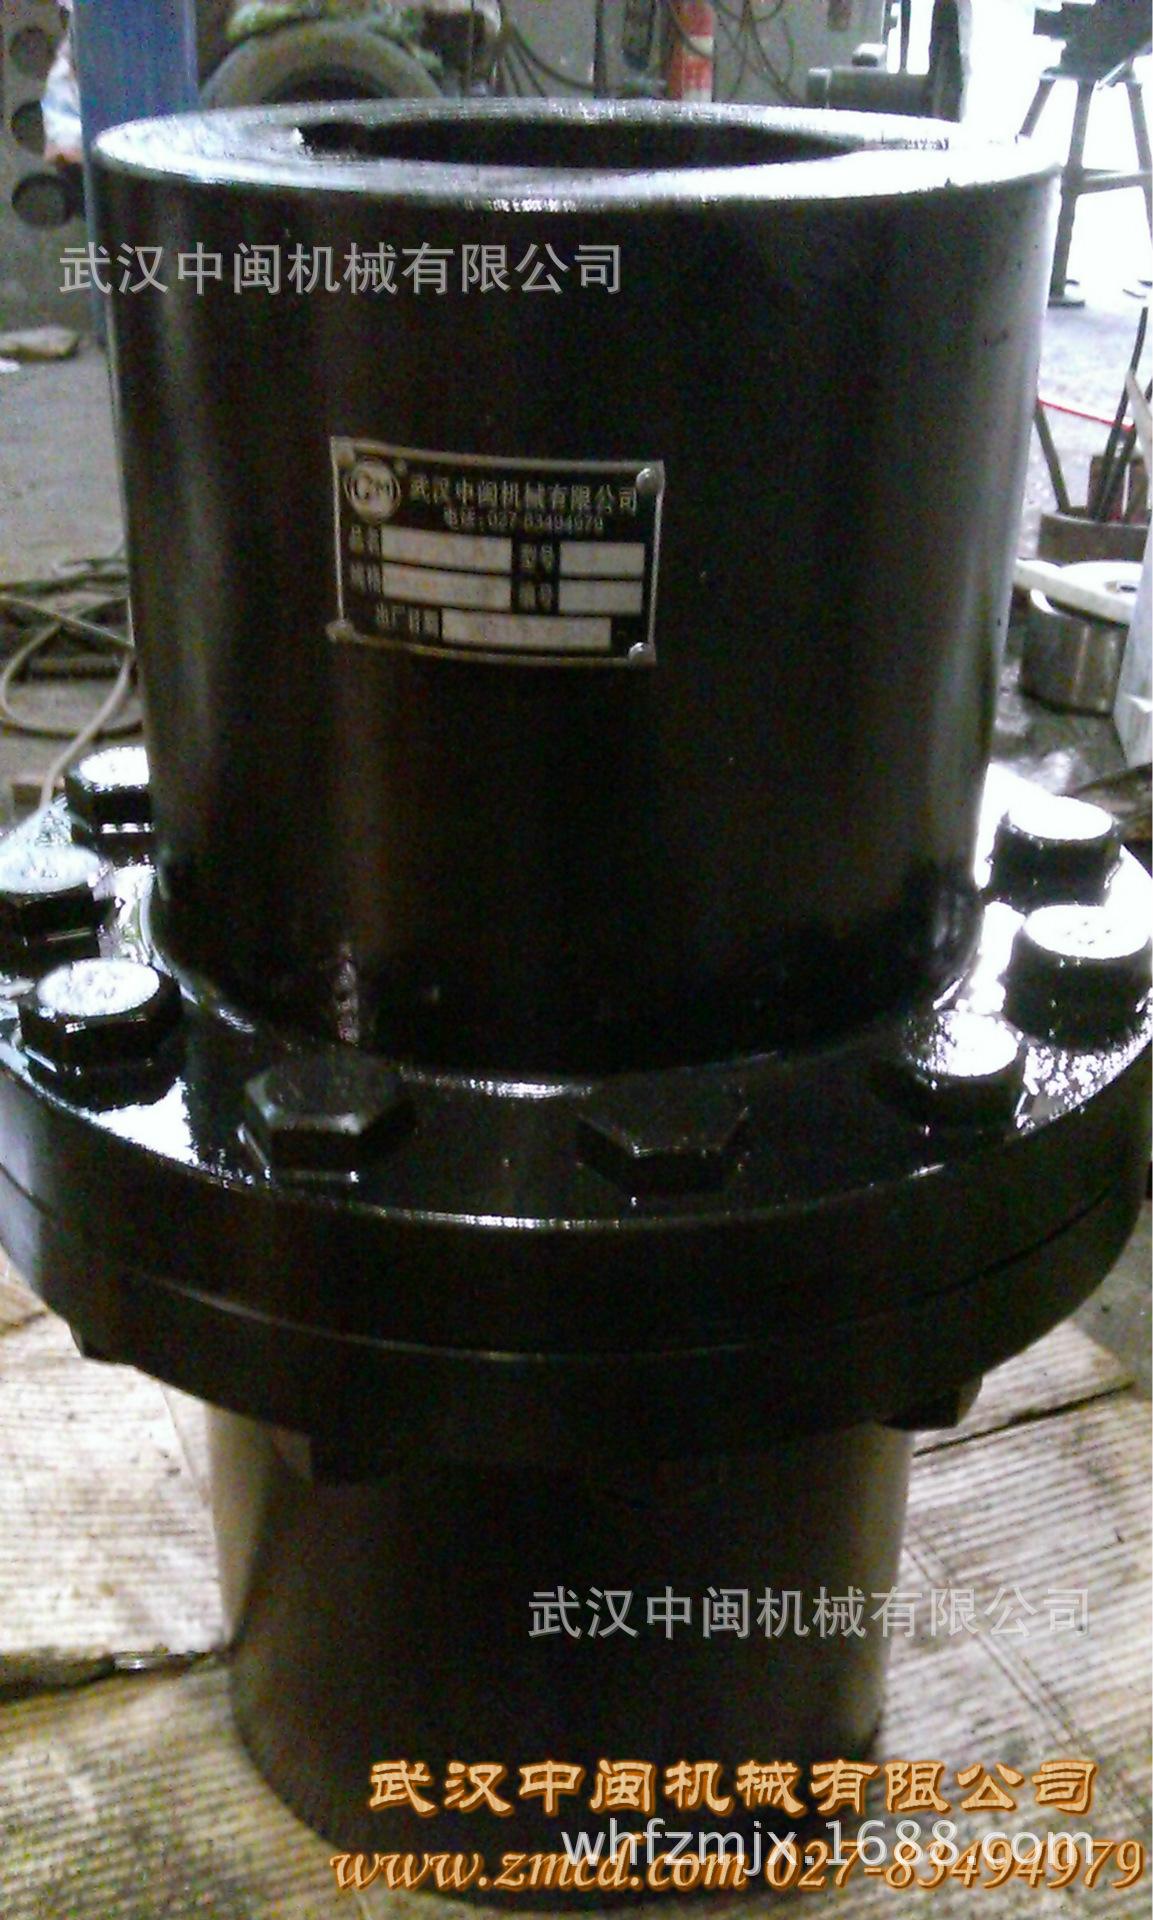 供应武汉联轴器 JM膜片联轴器 JMJ单型膜片联轴器 厂家直销